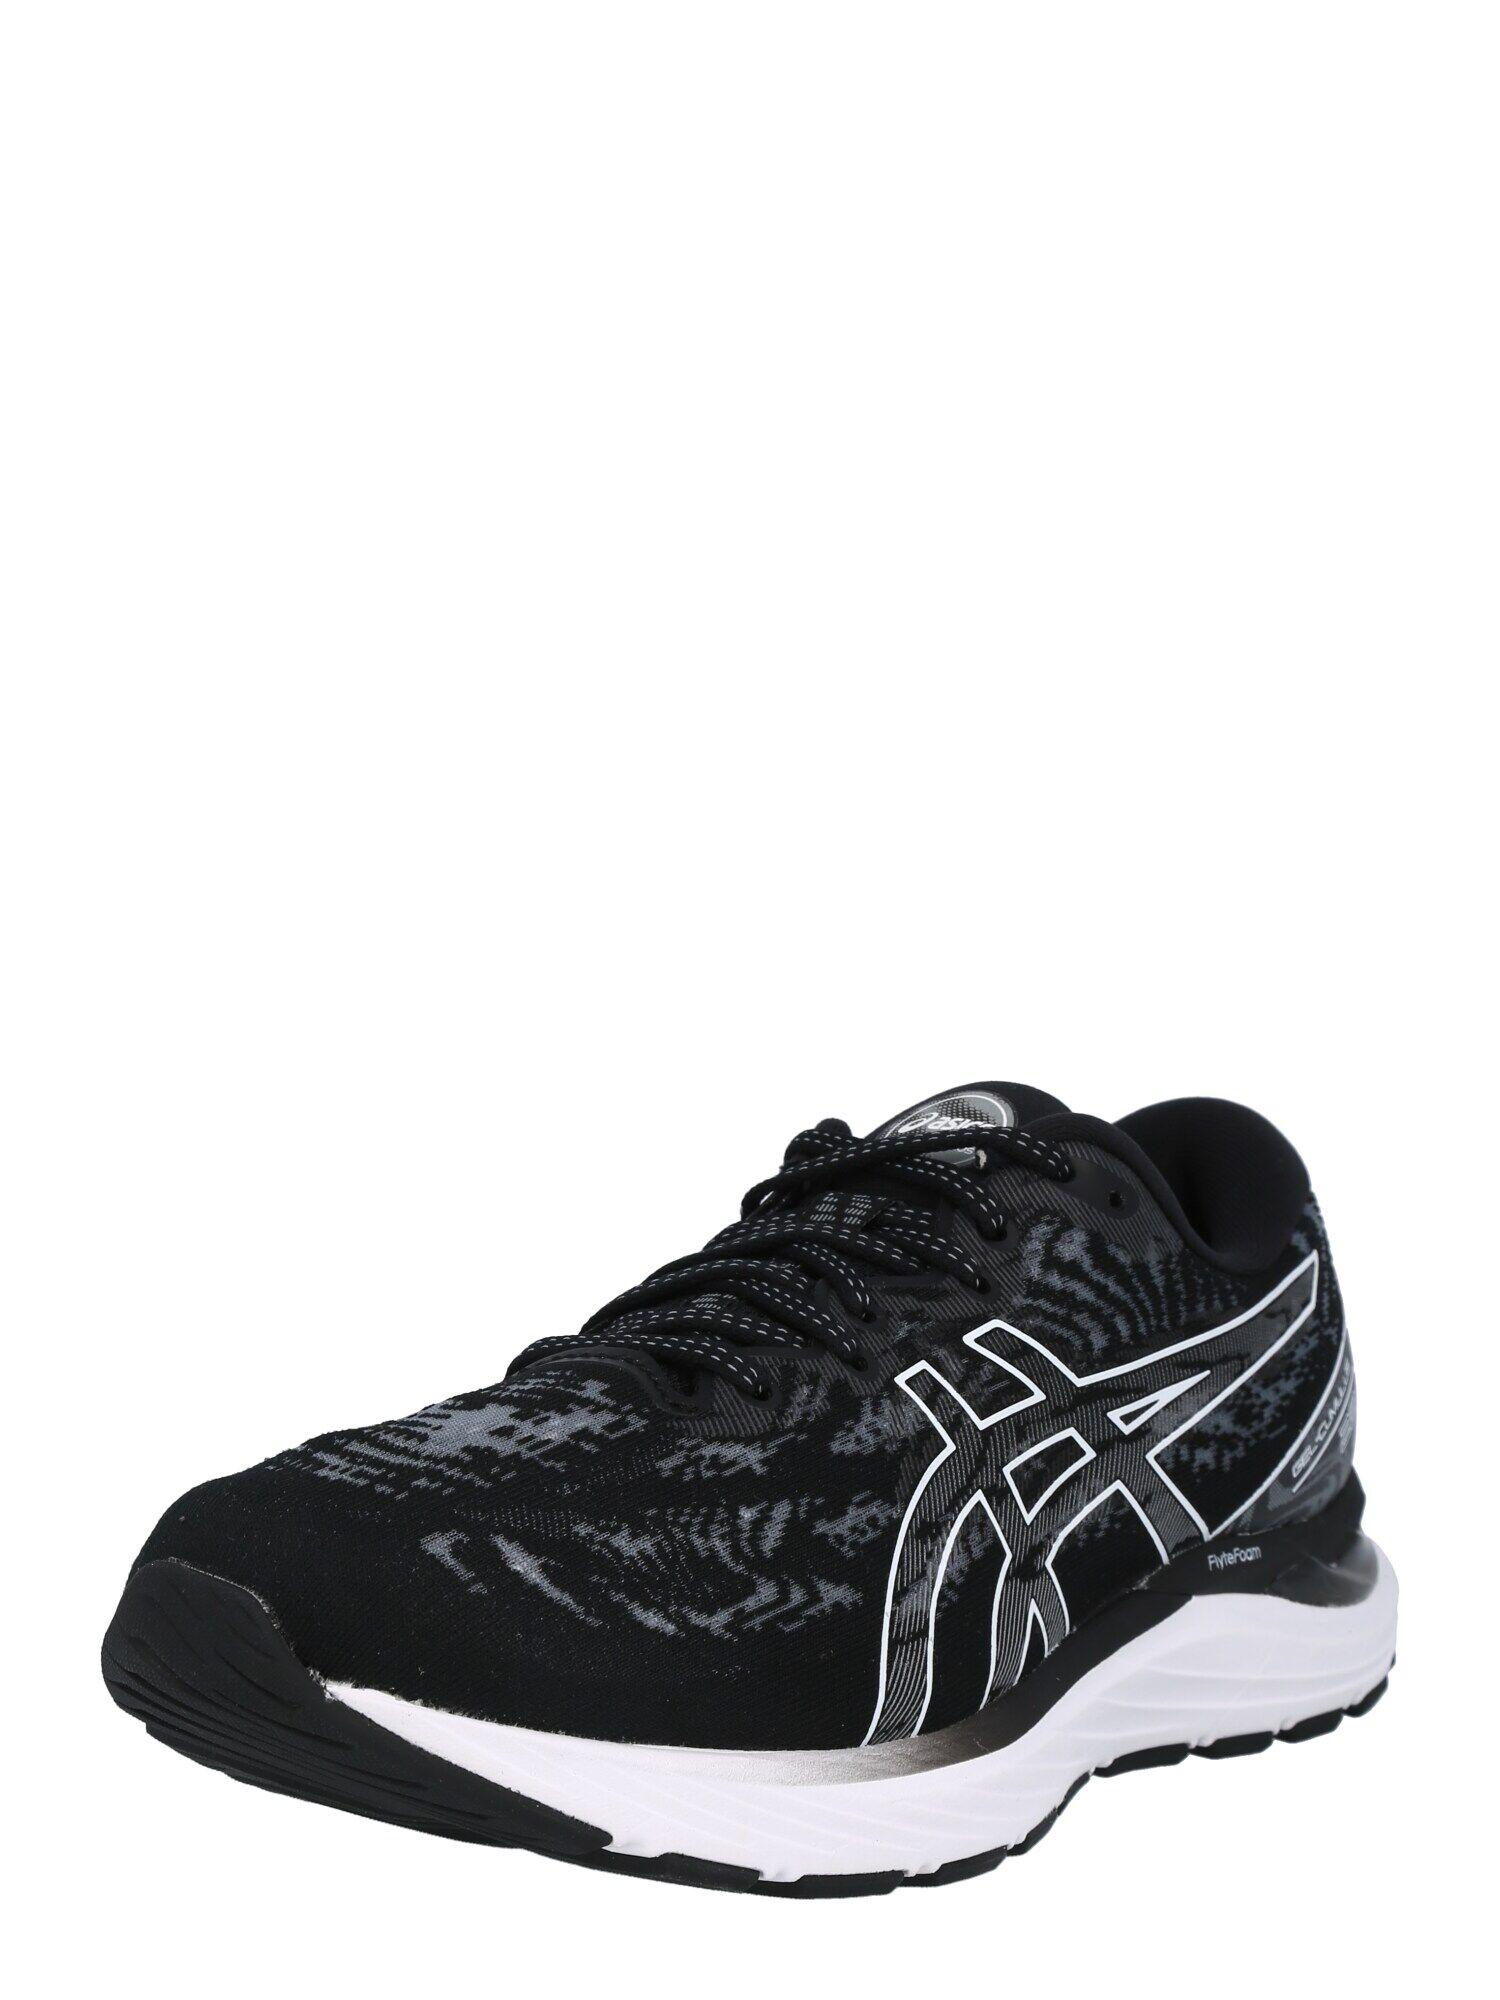 Asics Chaussure de course  - Noir - Taille: 46 - male